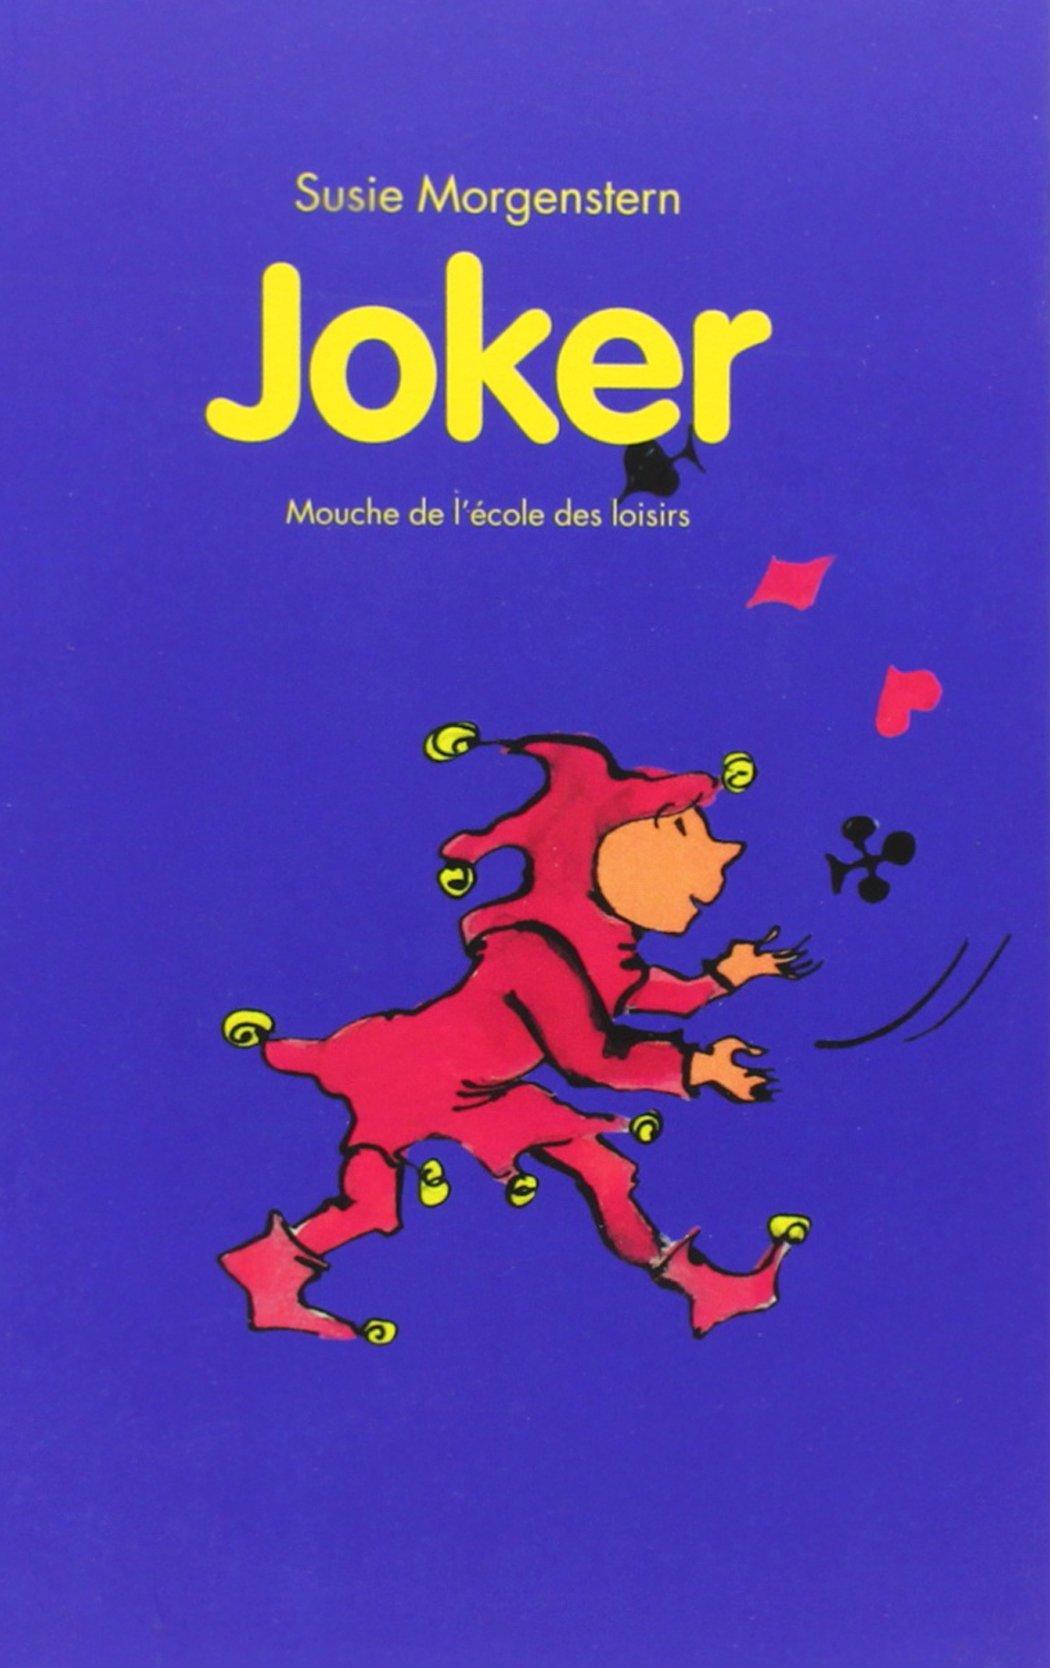 Joker (Mouche Poche)